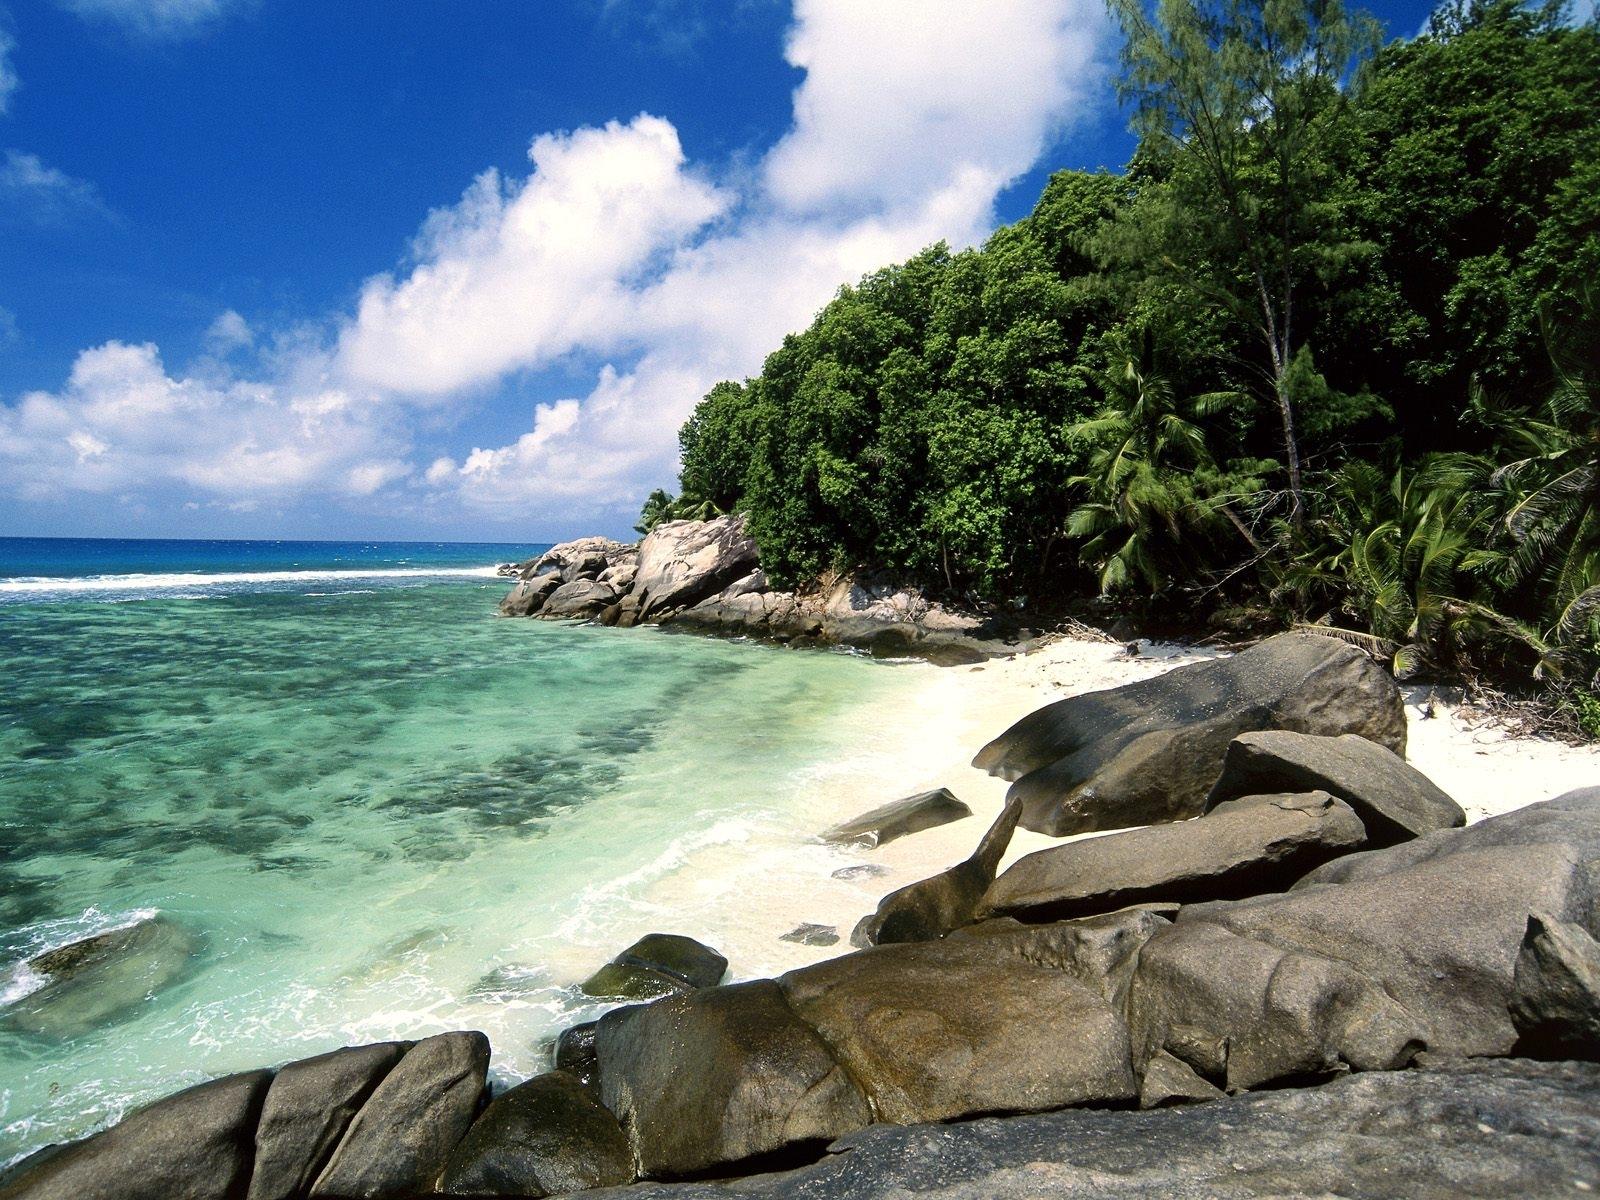 5061 скачать обои Пейзаж, Вода, Камни, Море, Пляж - заставки и картинки бесплатно